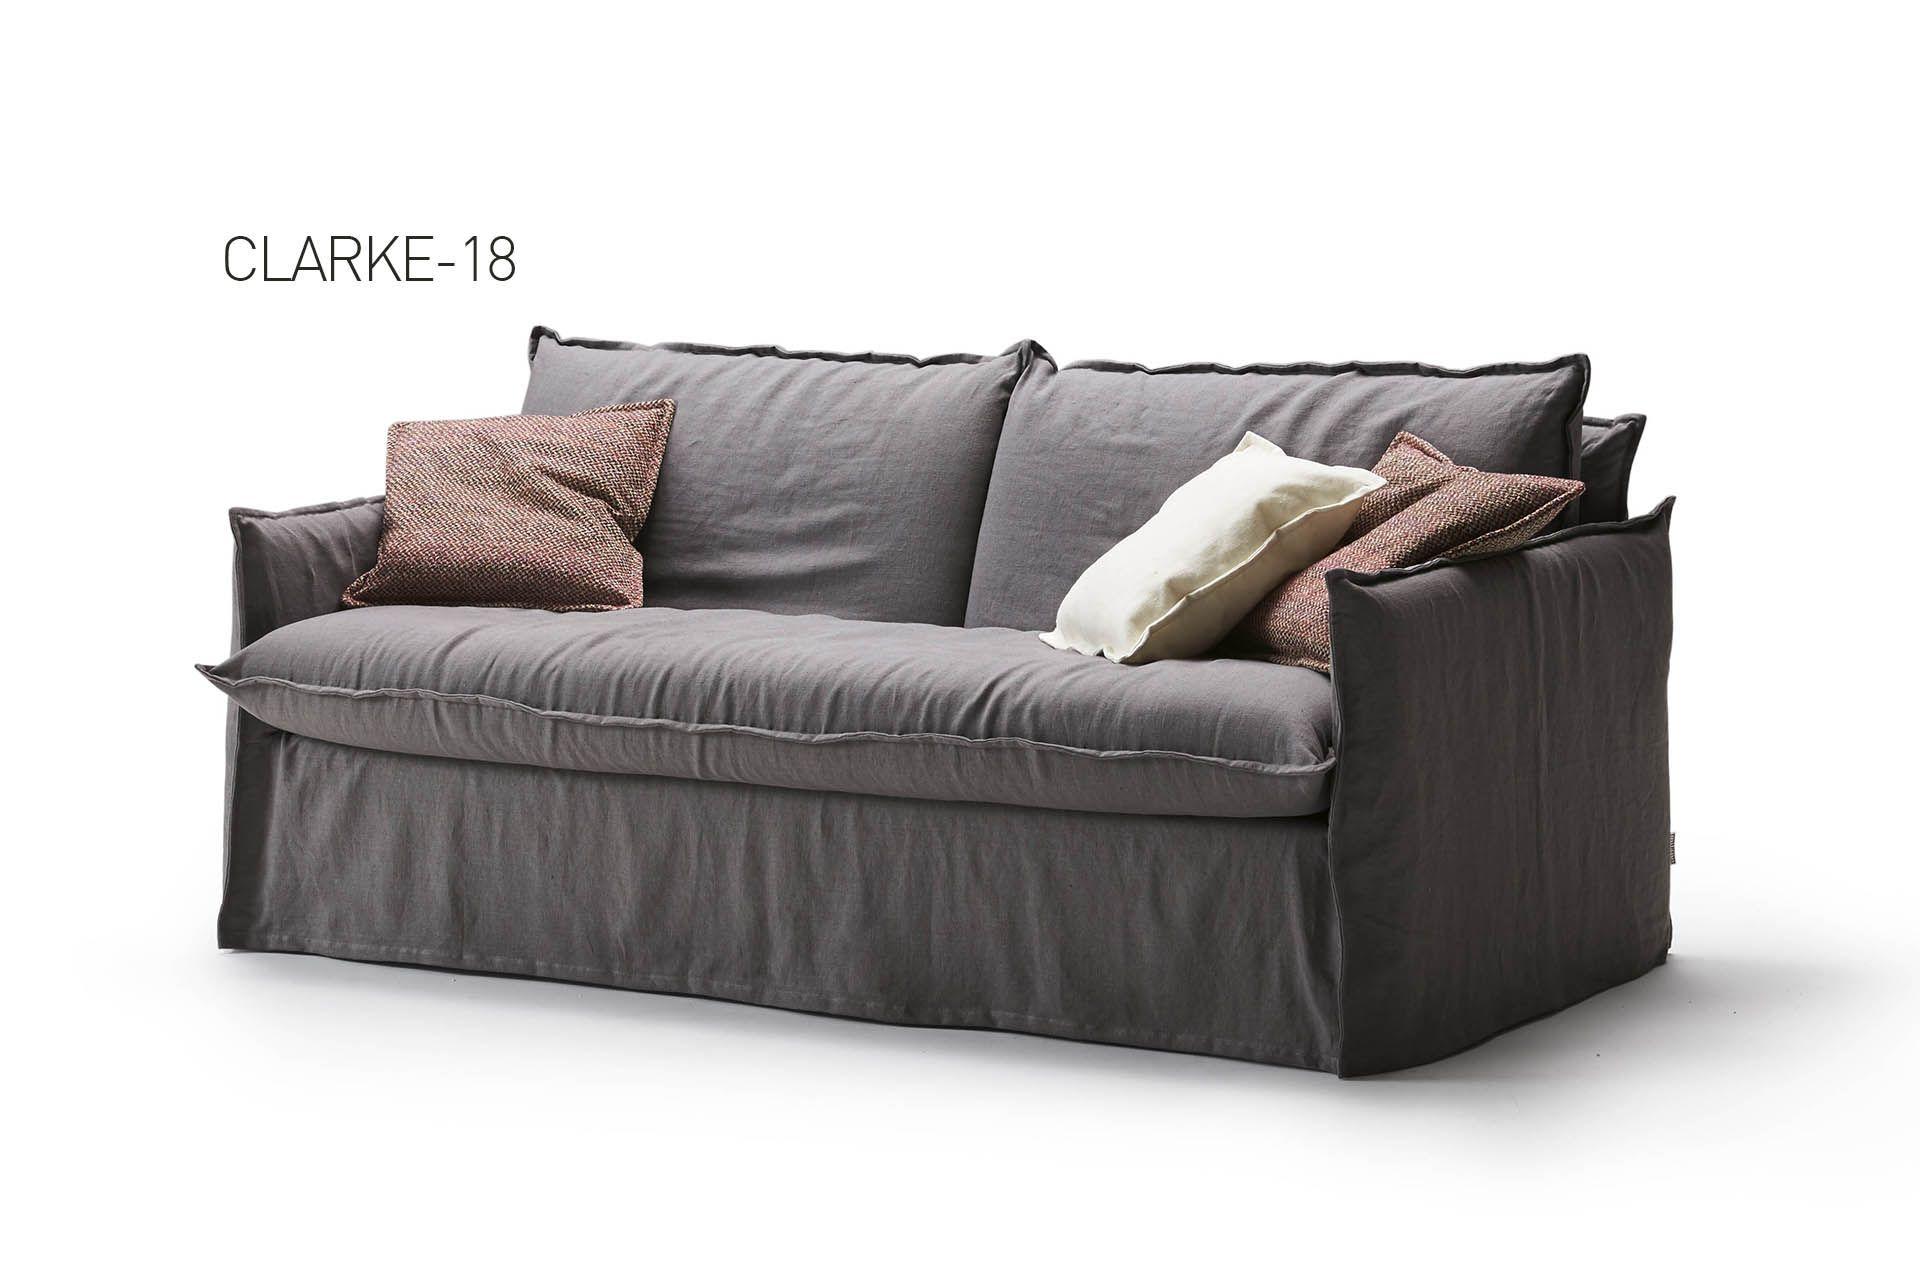 Divano Letto Milano.Milano Bedding Divano Letto Clarke Sofa Sofa Design Bed